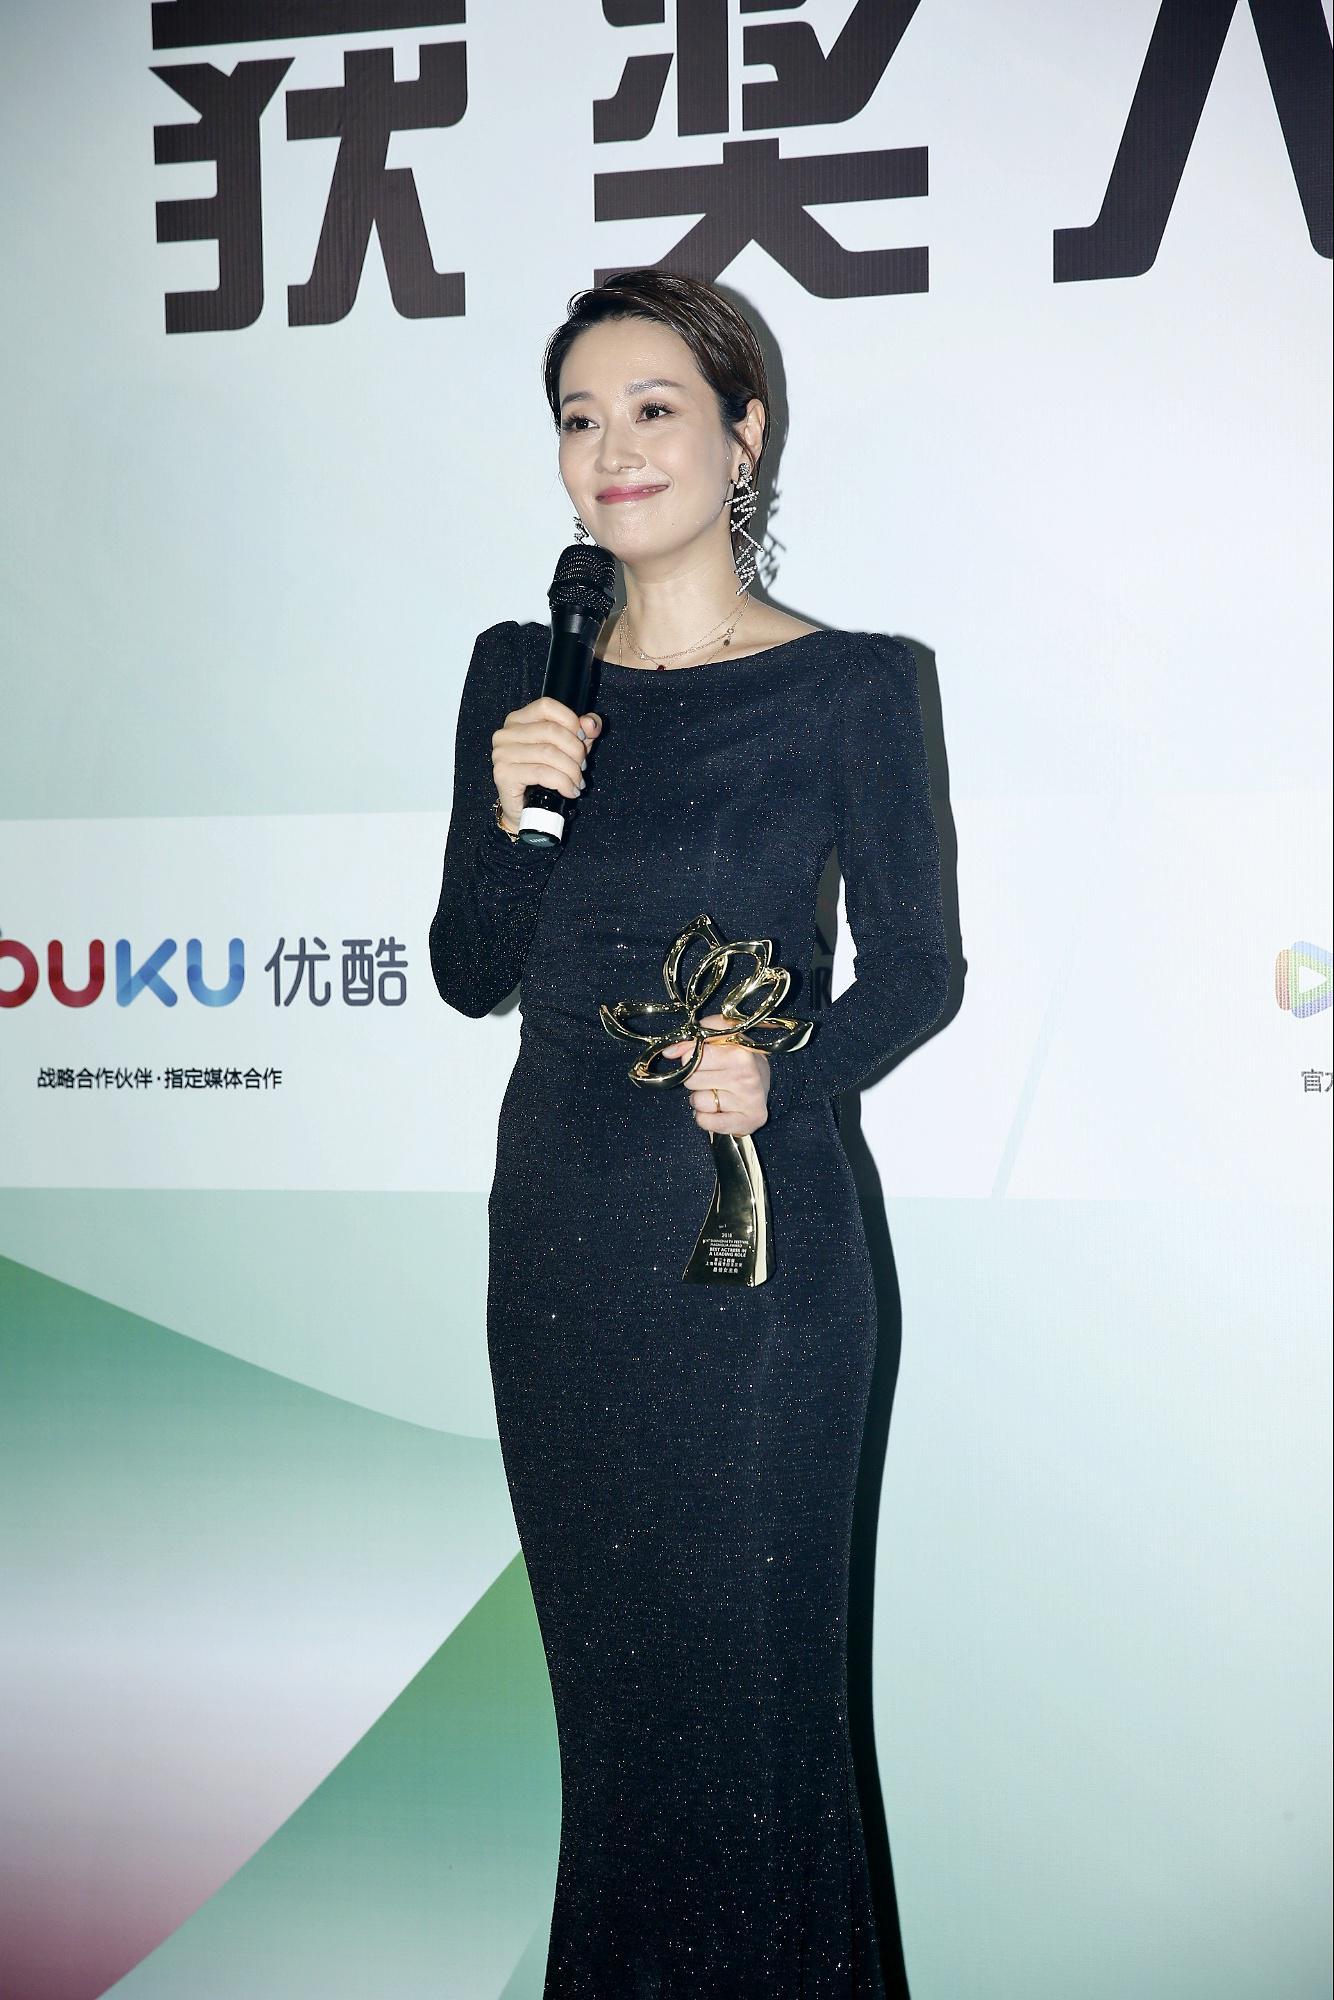 第24届上海电视节落幕 何冰马伊琍分获最佳男女主角